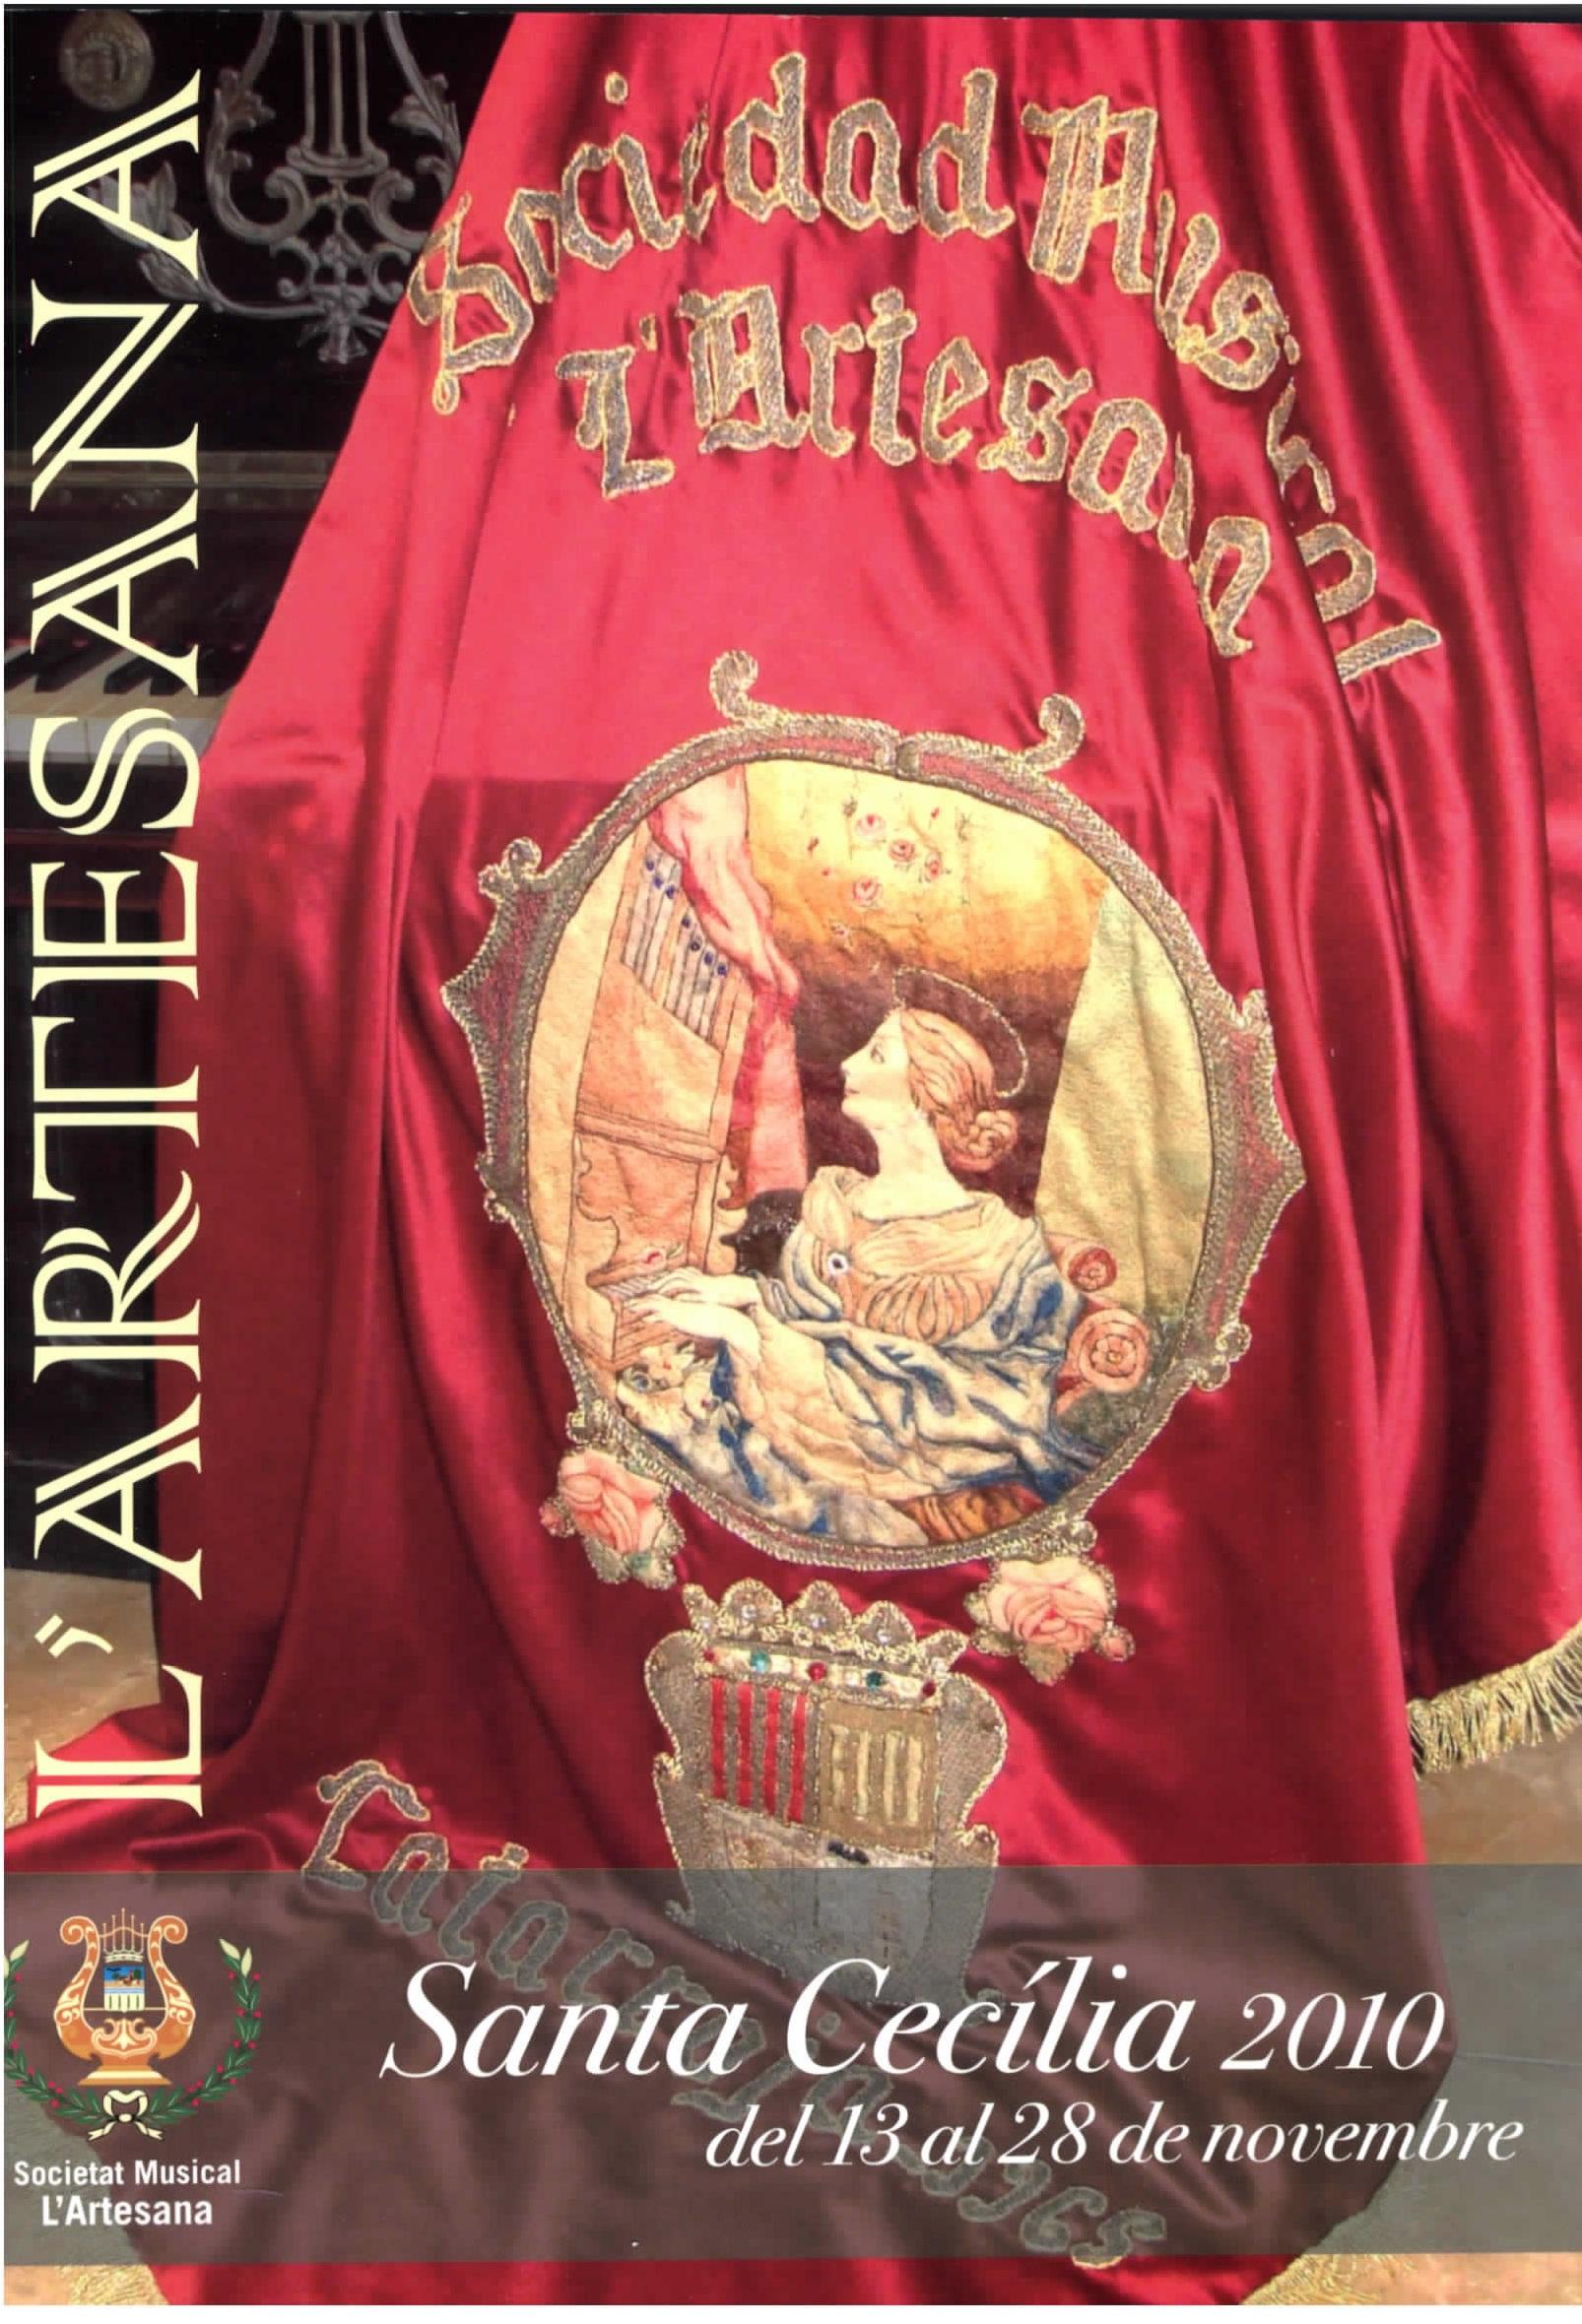 LLIBRET SANTA CECILIA 2010